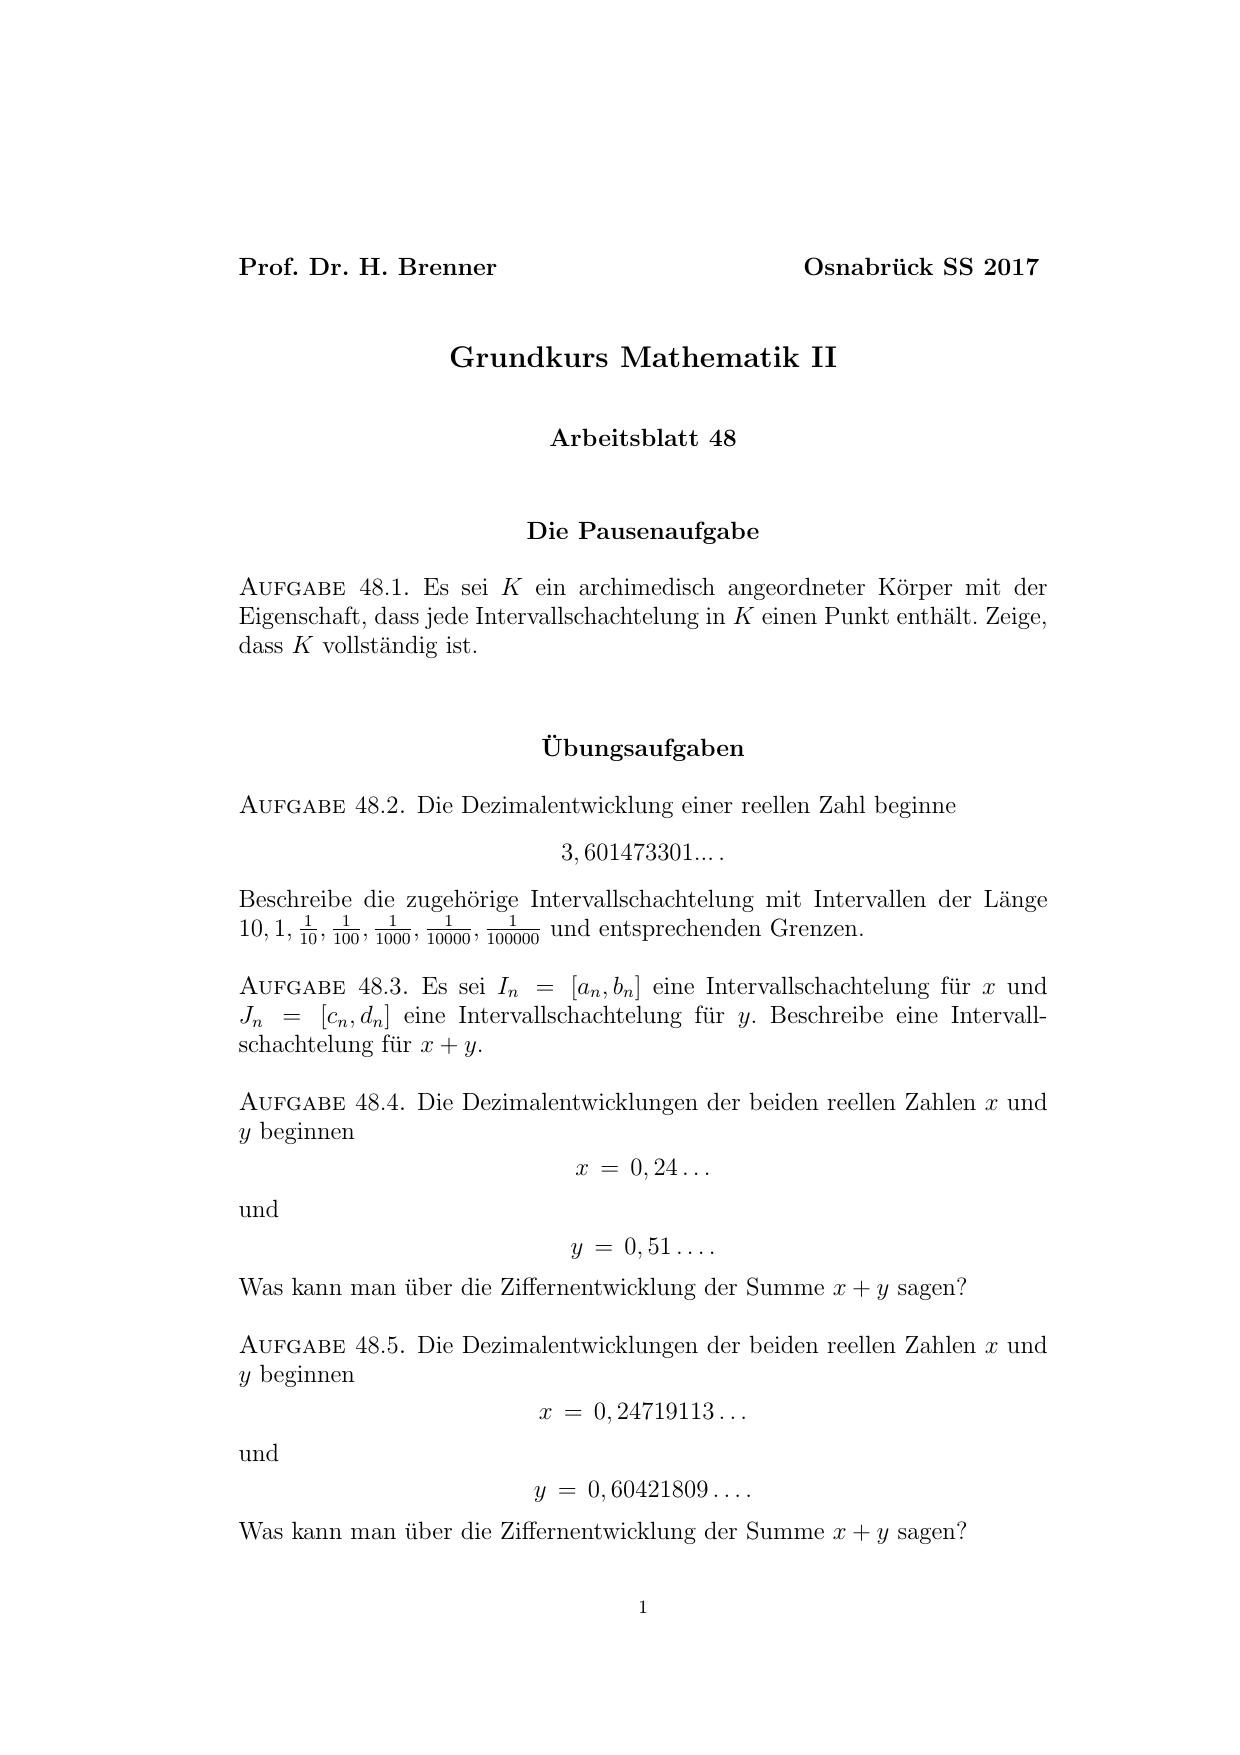 Grundkurs Mathematik II